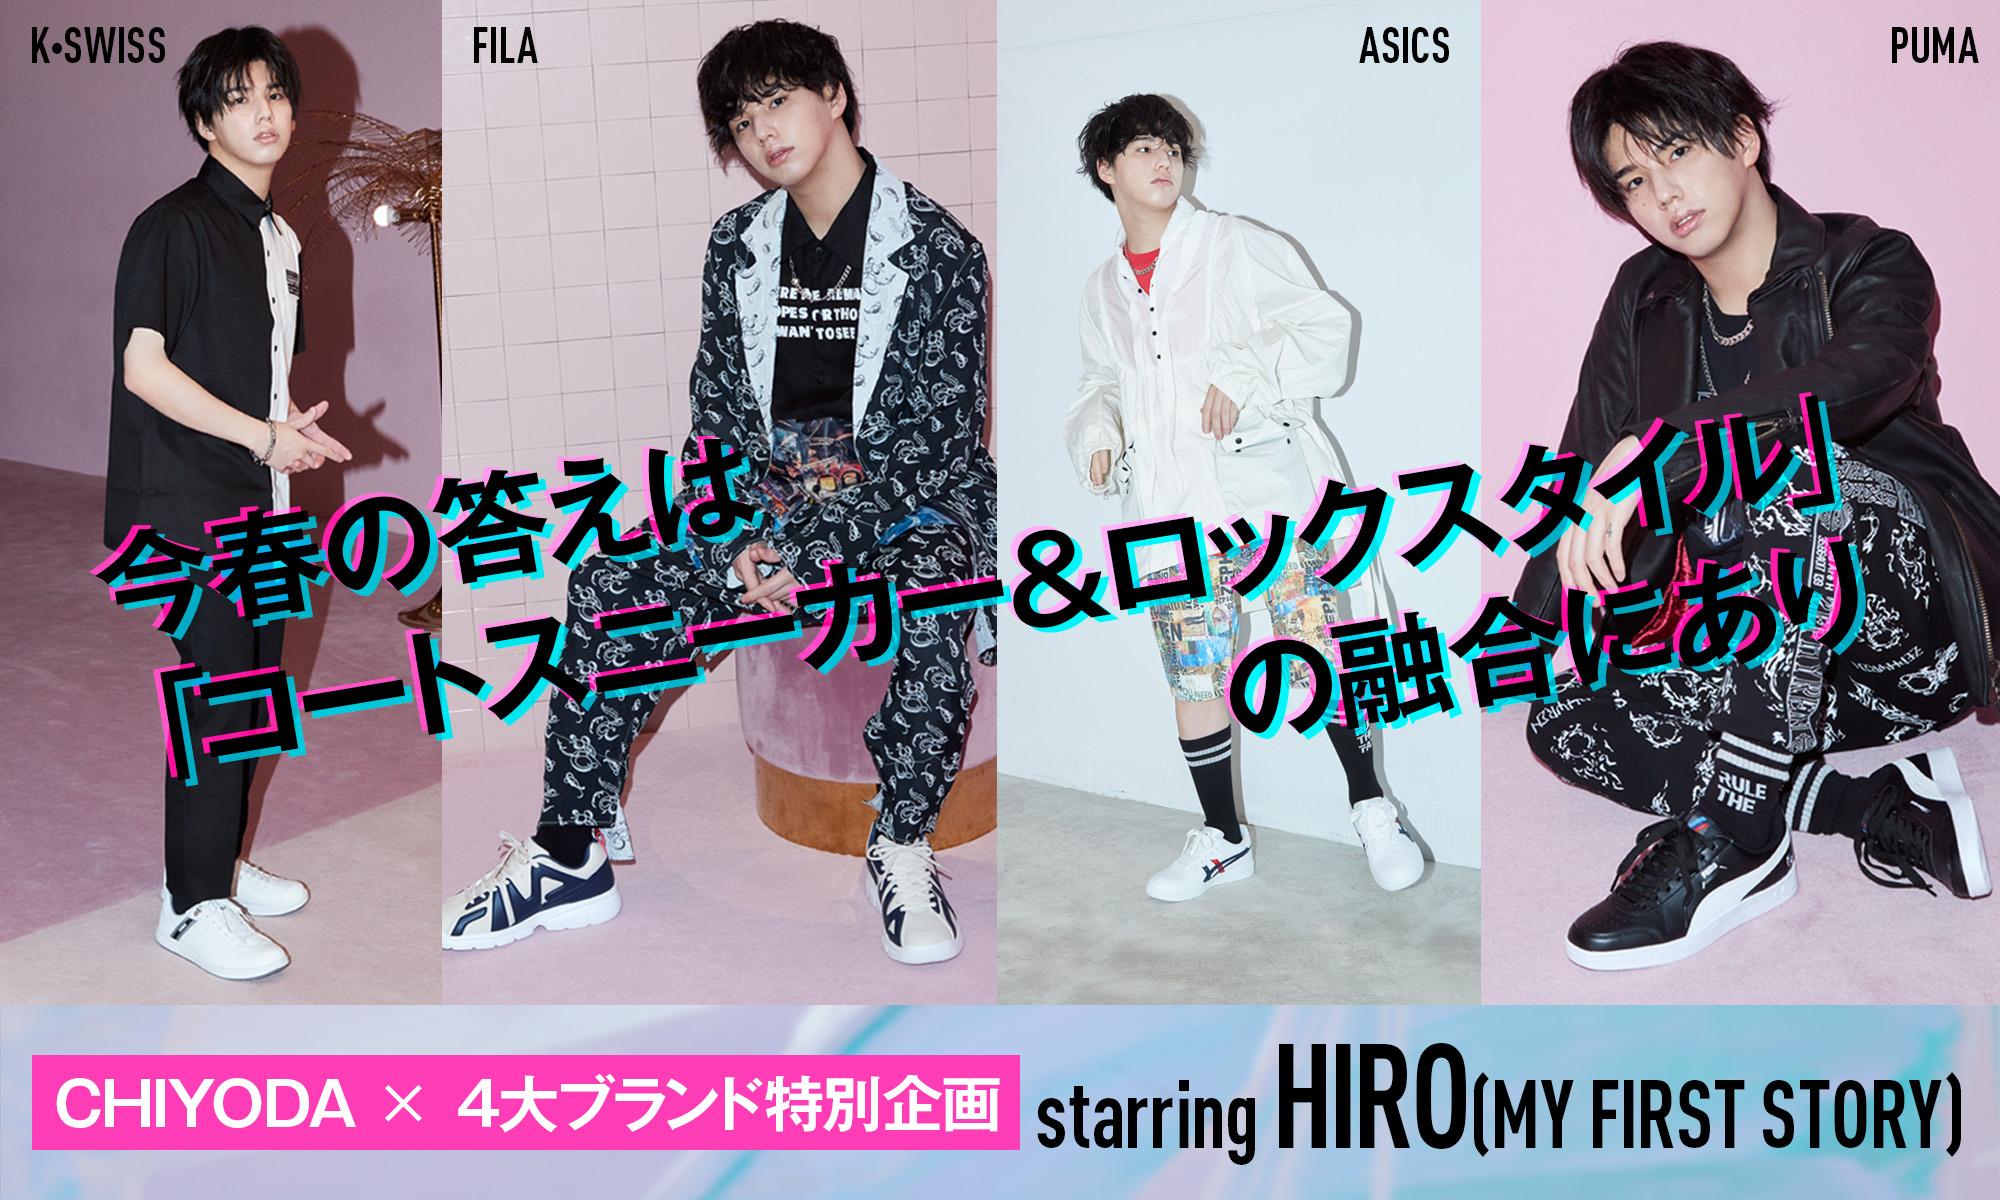 CHIYODA×4大ブランド特別企画 今春の答えは「コートスニーカー&ロックスタイル」の融合にあり starring HIRO(MY FIRST STORY)